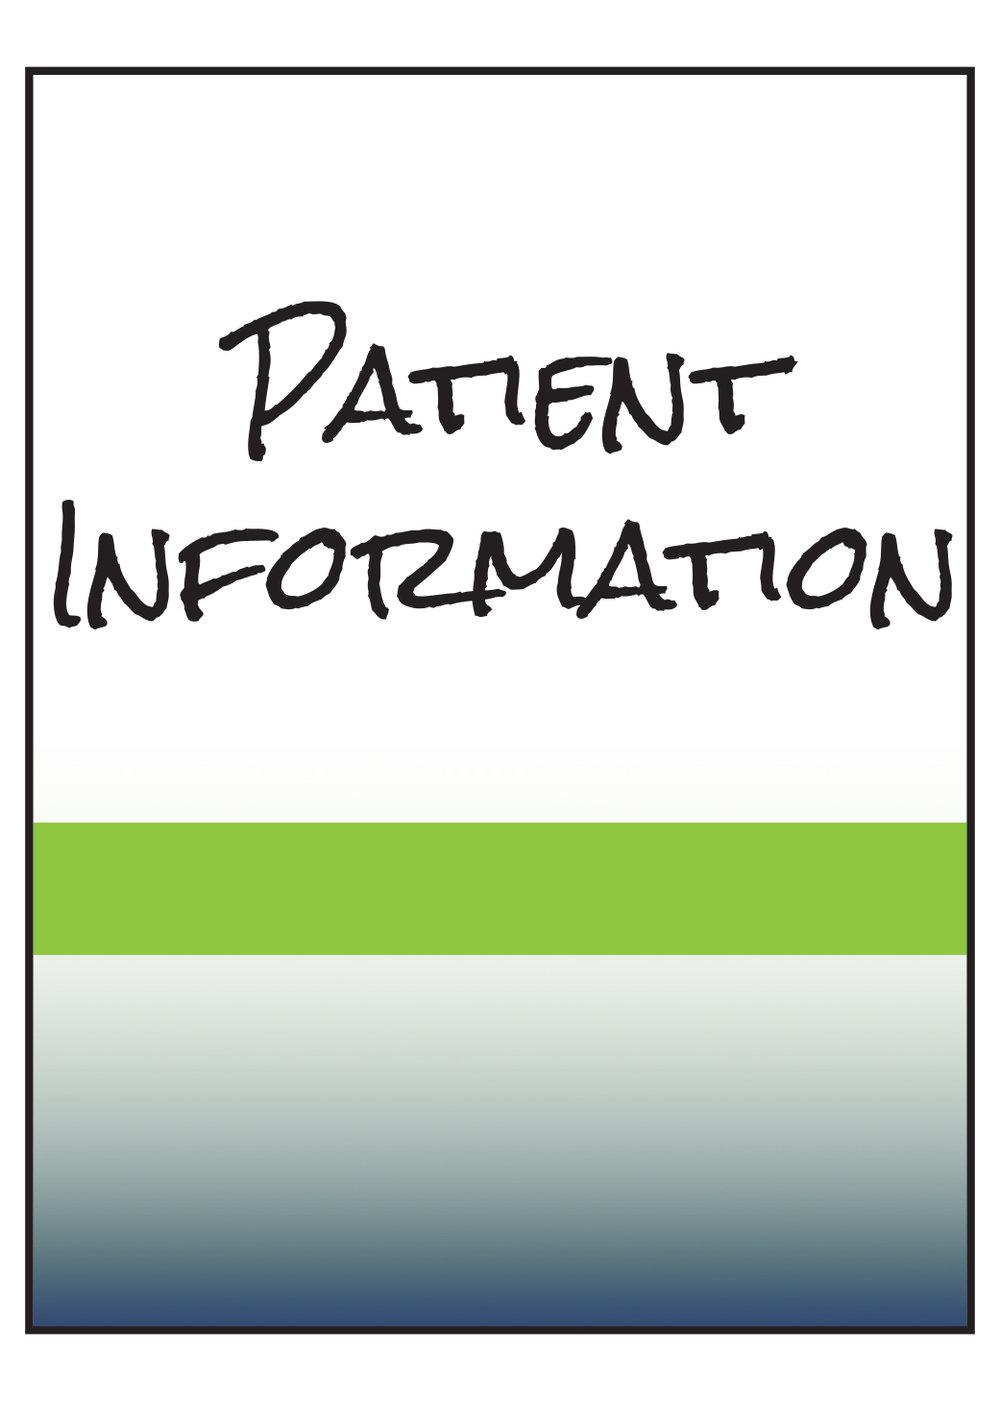 cochrane-patient-information.jpg